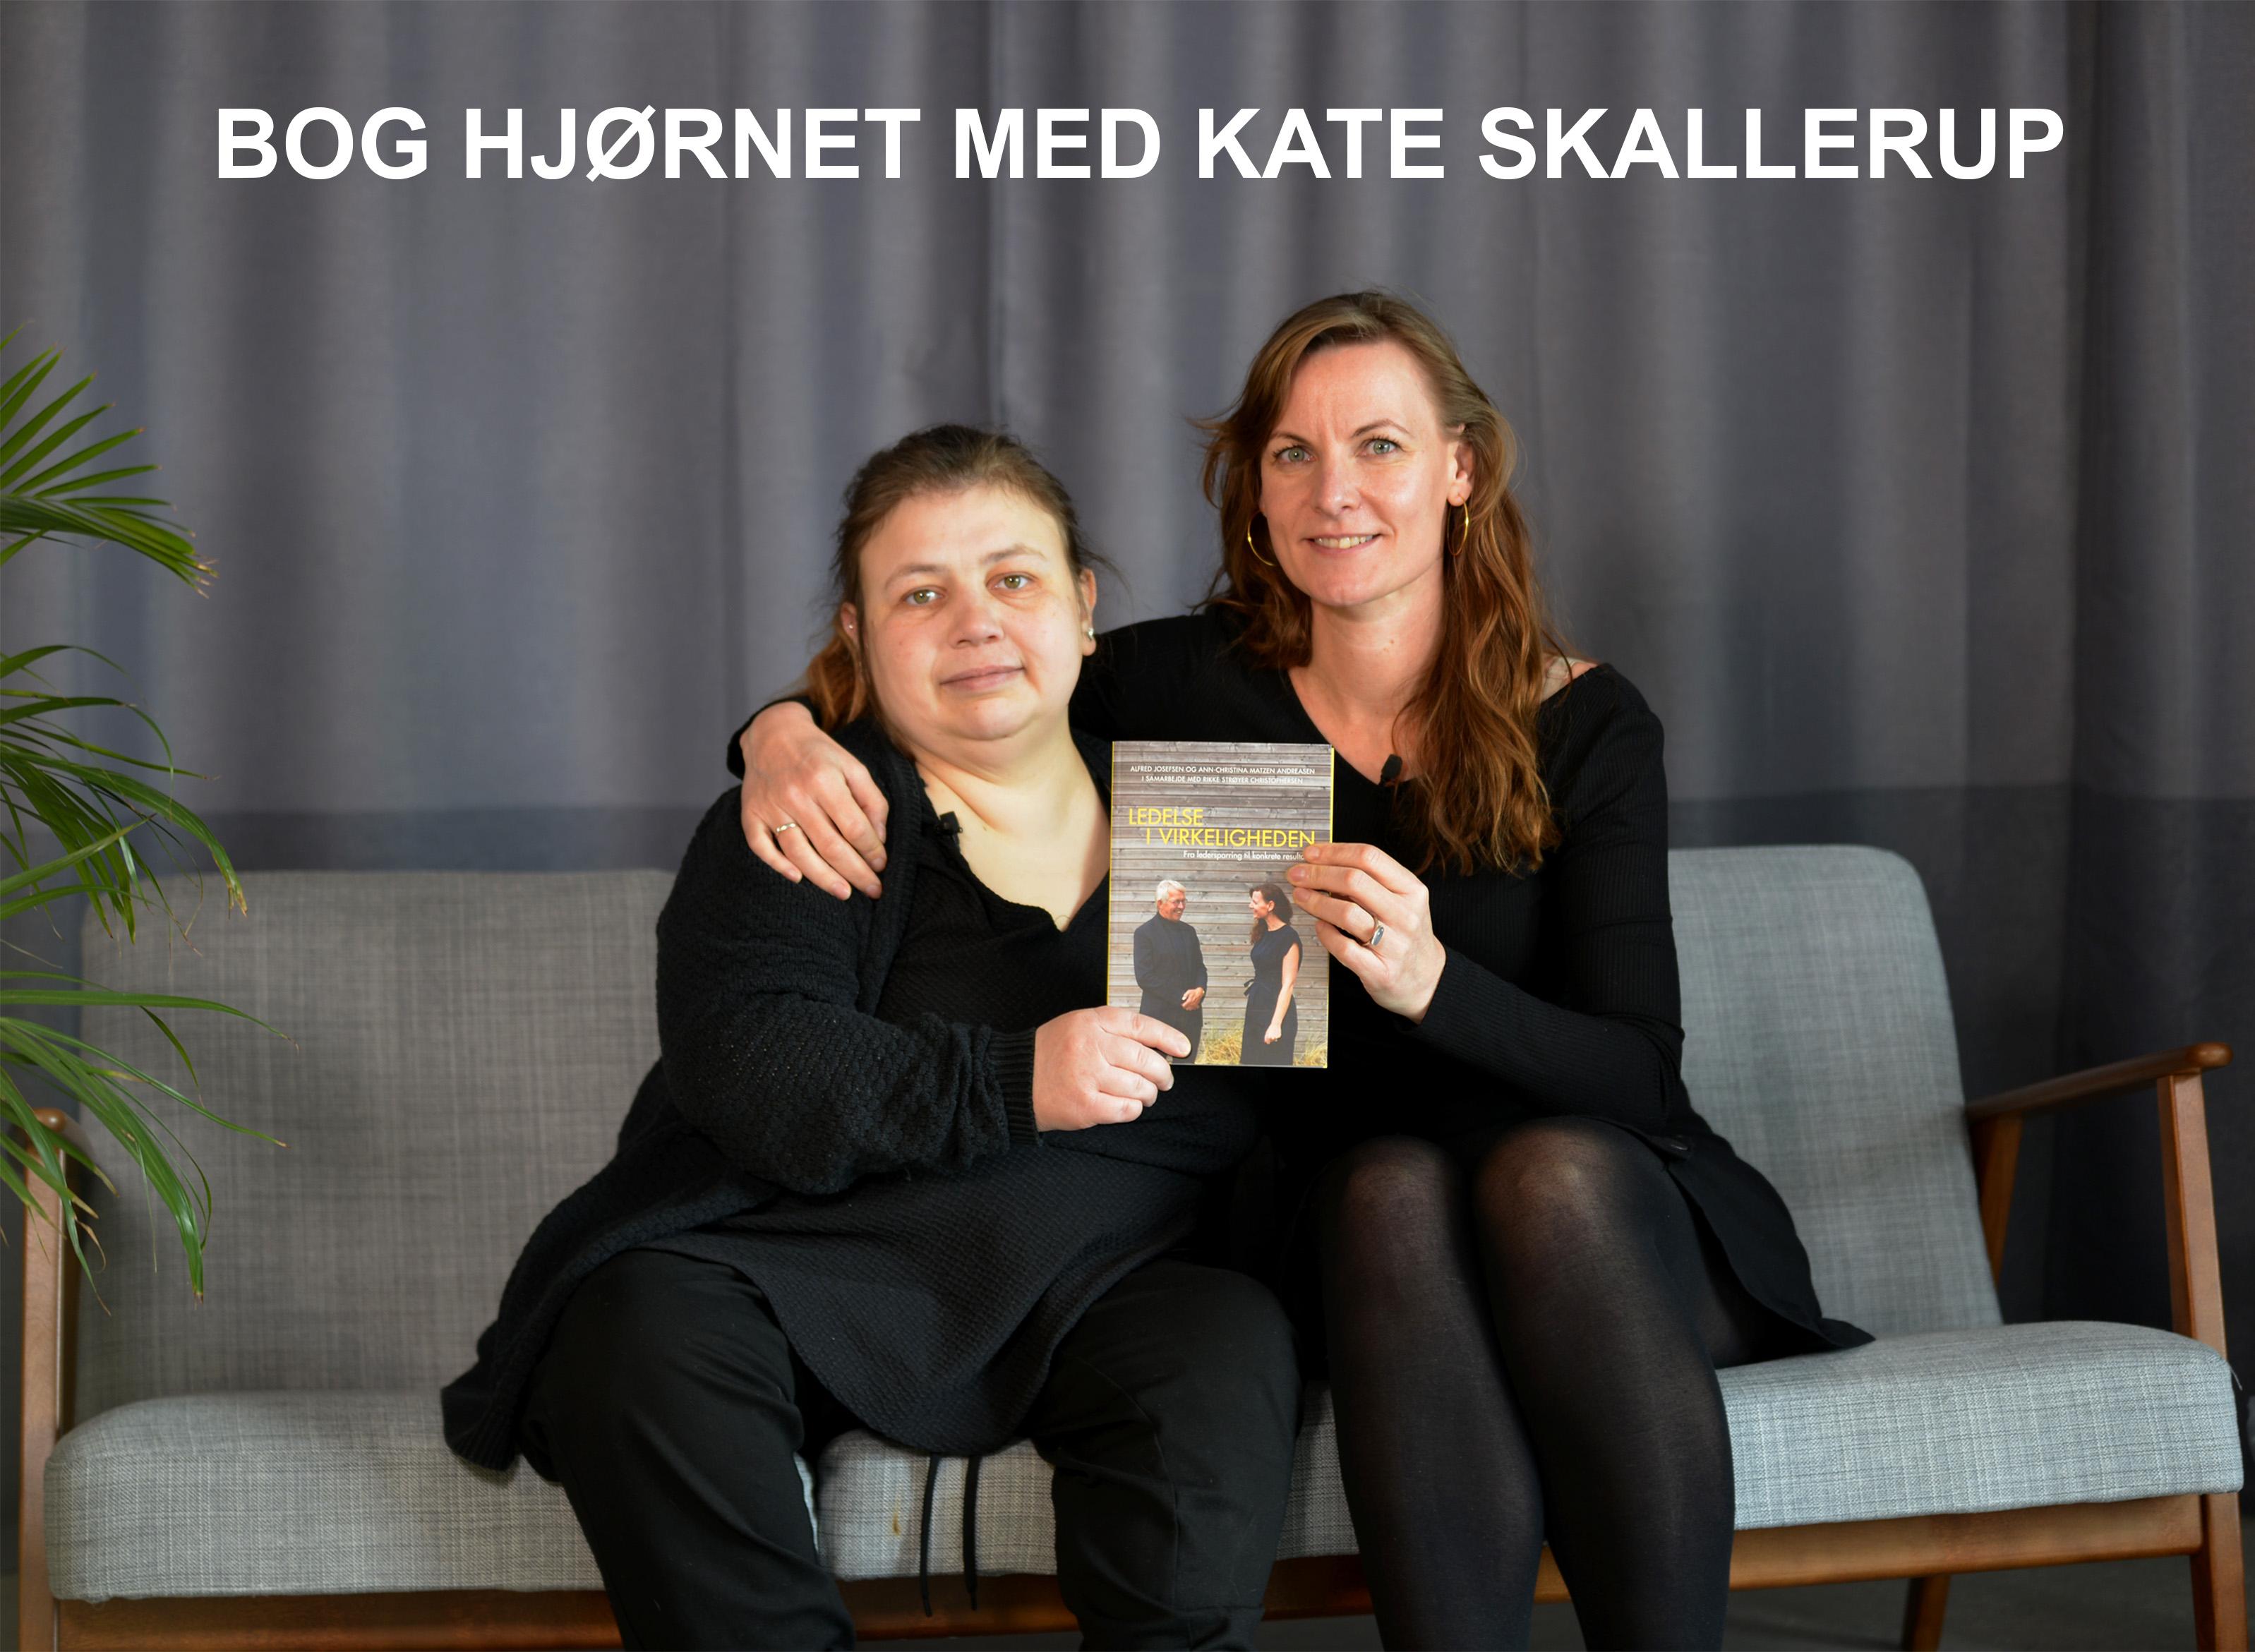 Bog Hjørnet med Kate Skallerup